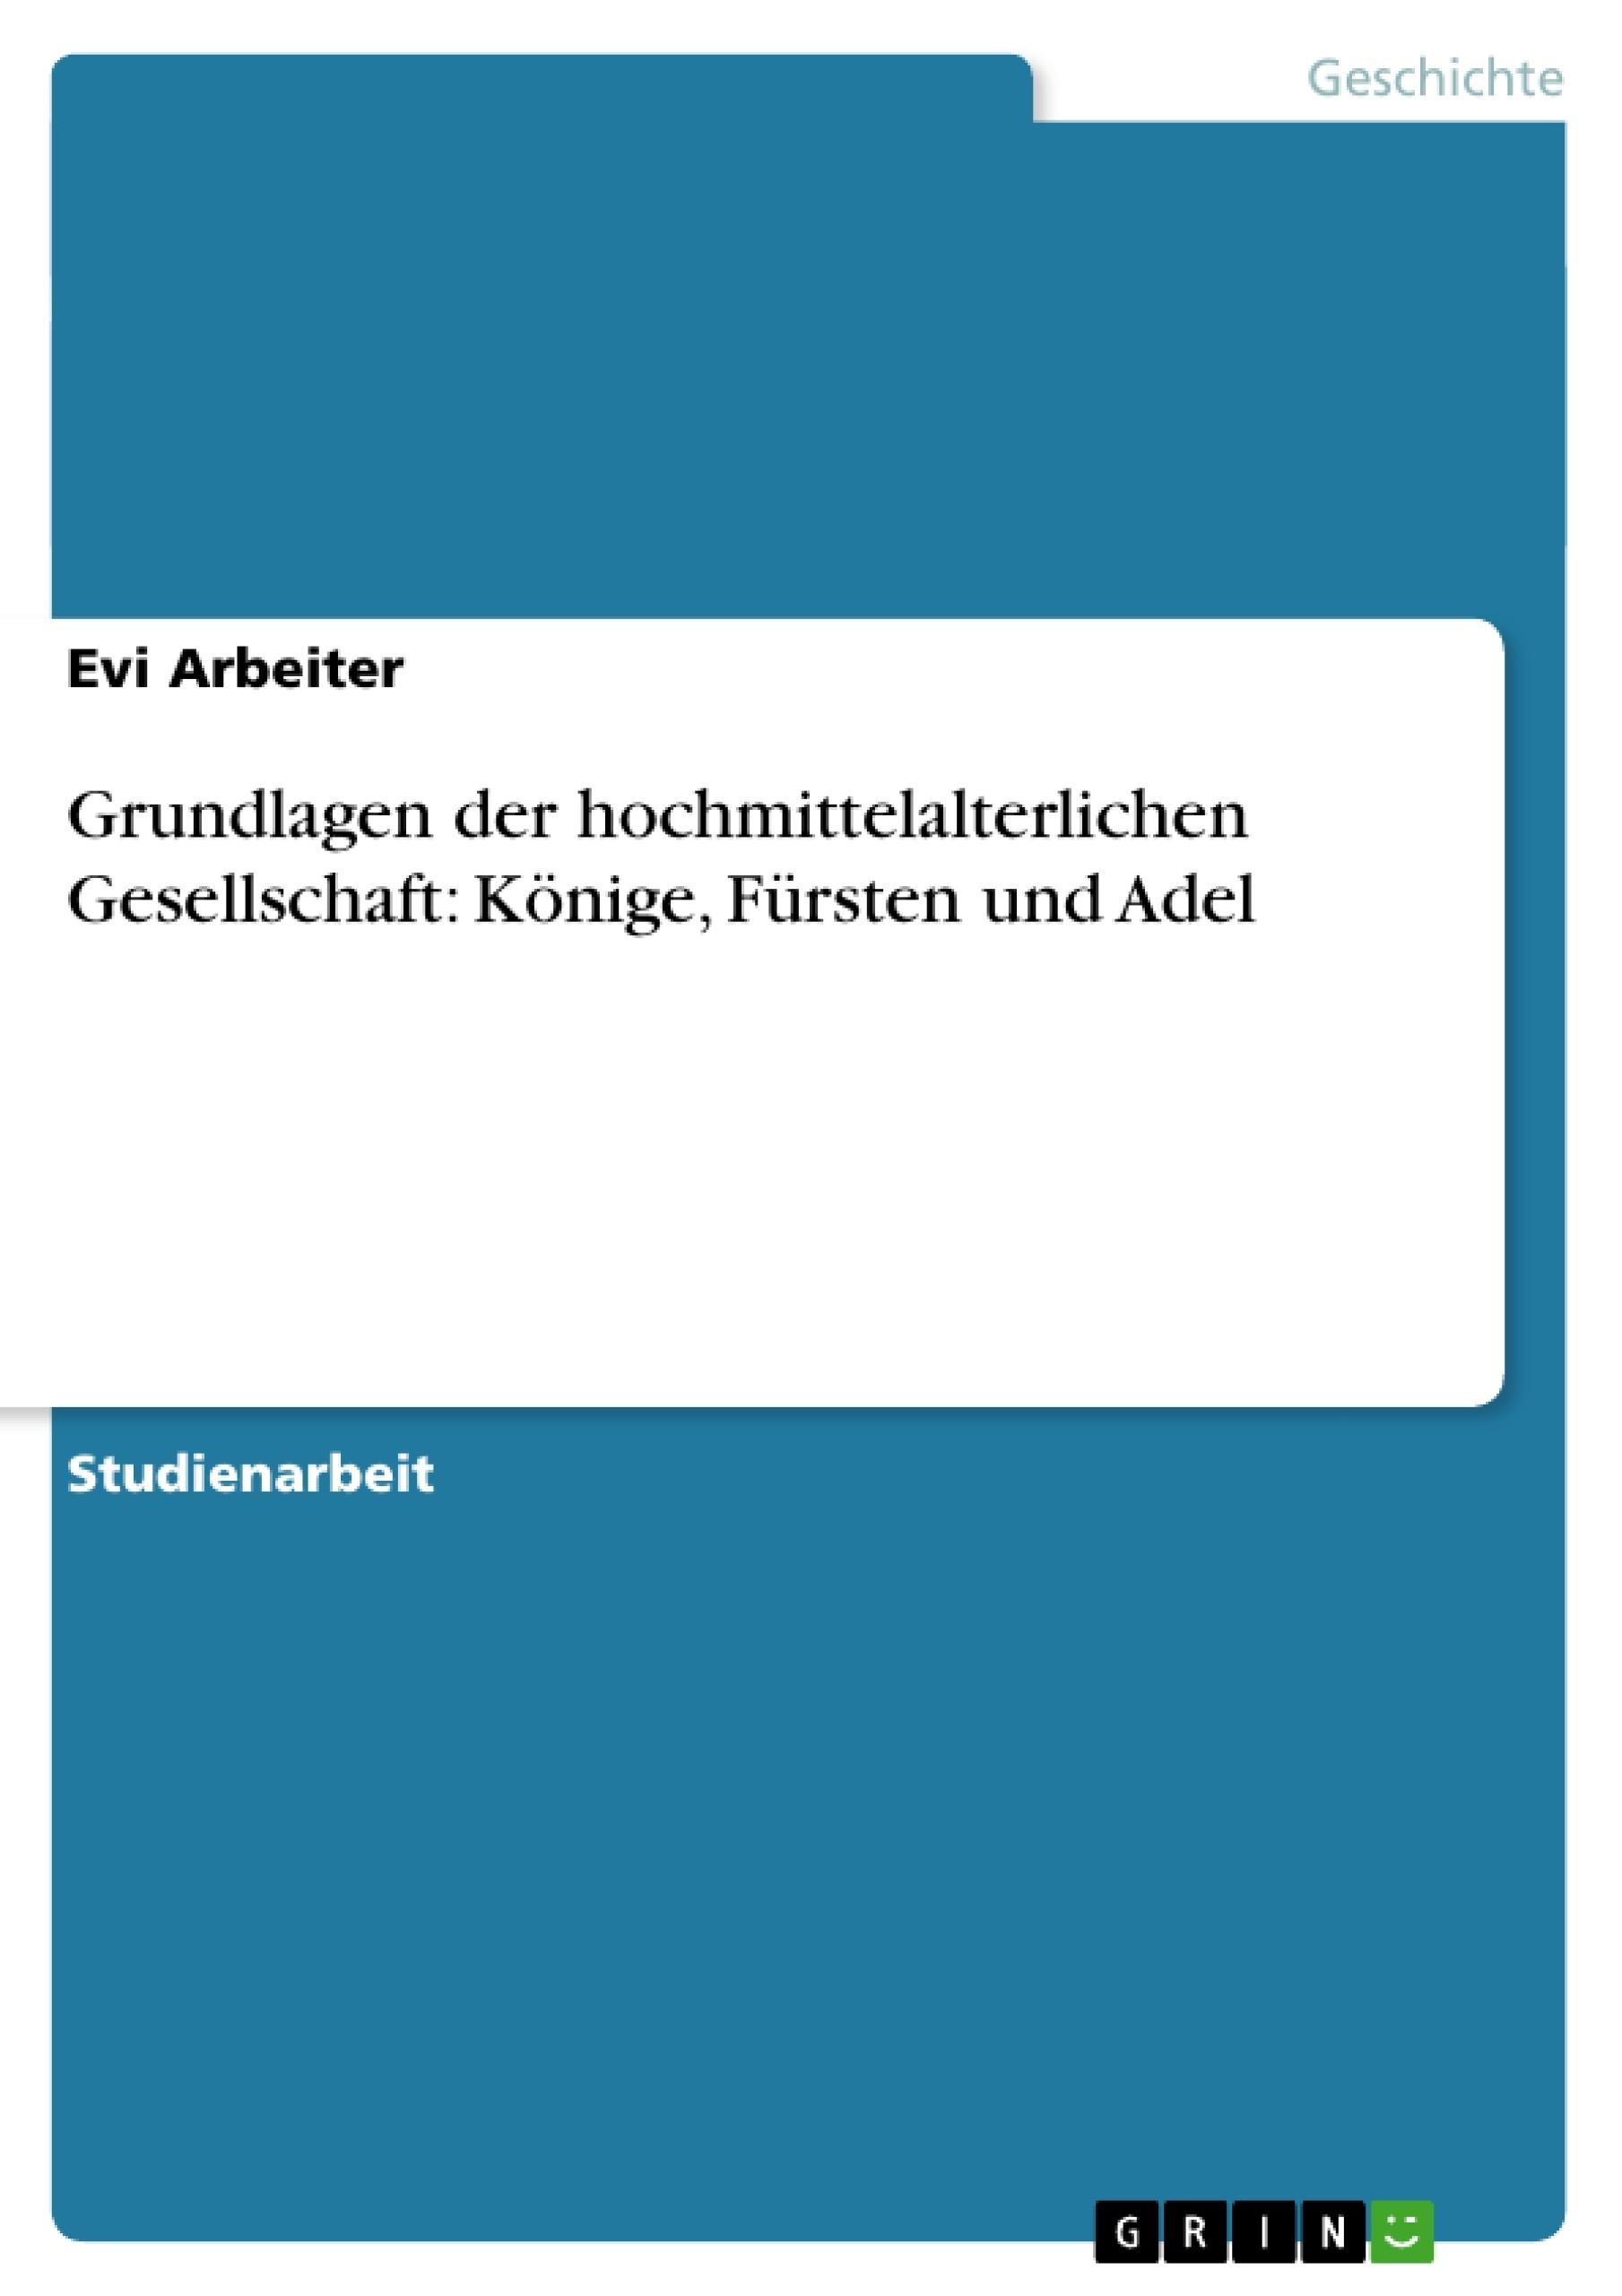 Titel: Grundlagen der hochmittelalterlichen Gesellschaft: Könige, Fürsten und Adel